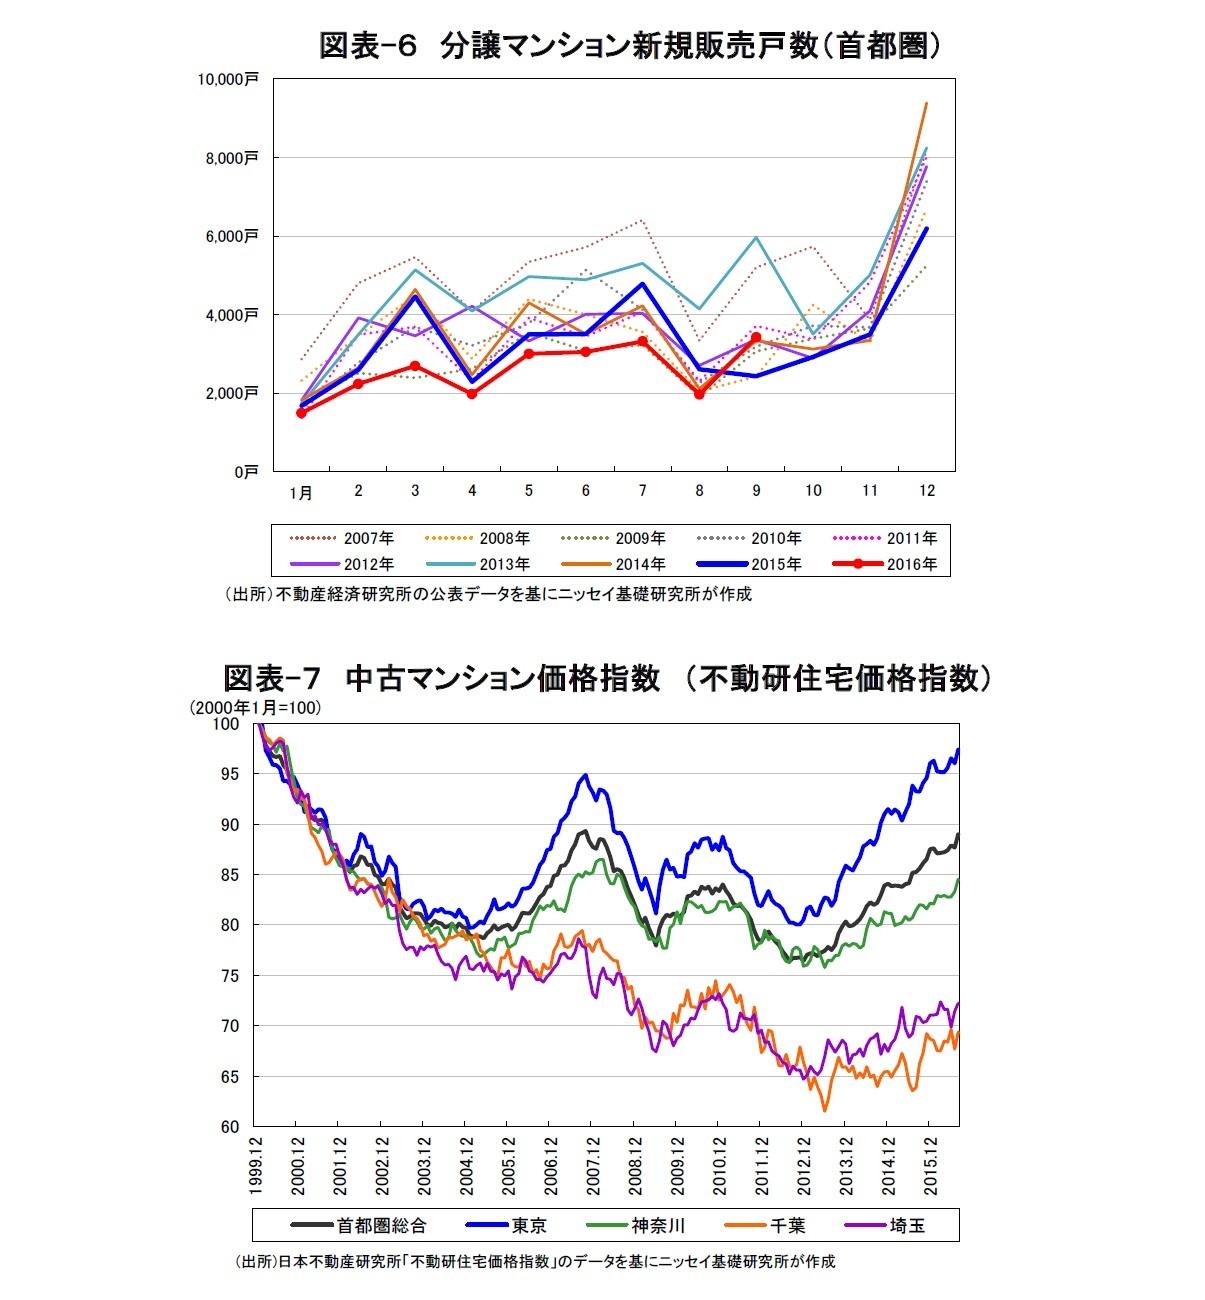 図表-6 分譲マンション新規販売戸数(首都圏)/図表-7 中古マンション価格指数 (不動研住宅価格指数)